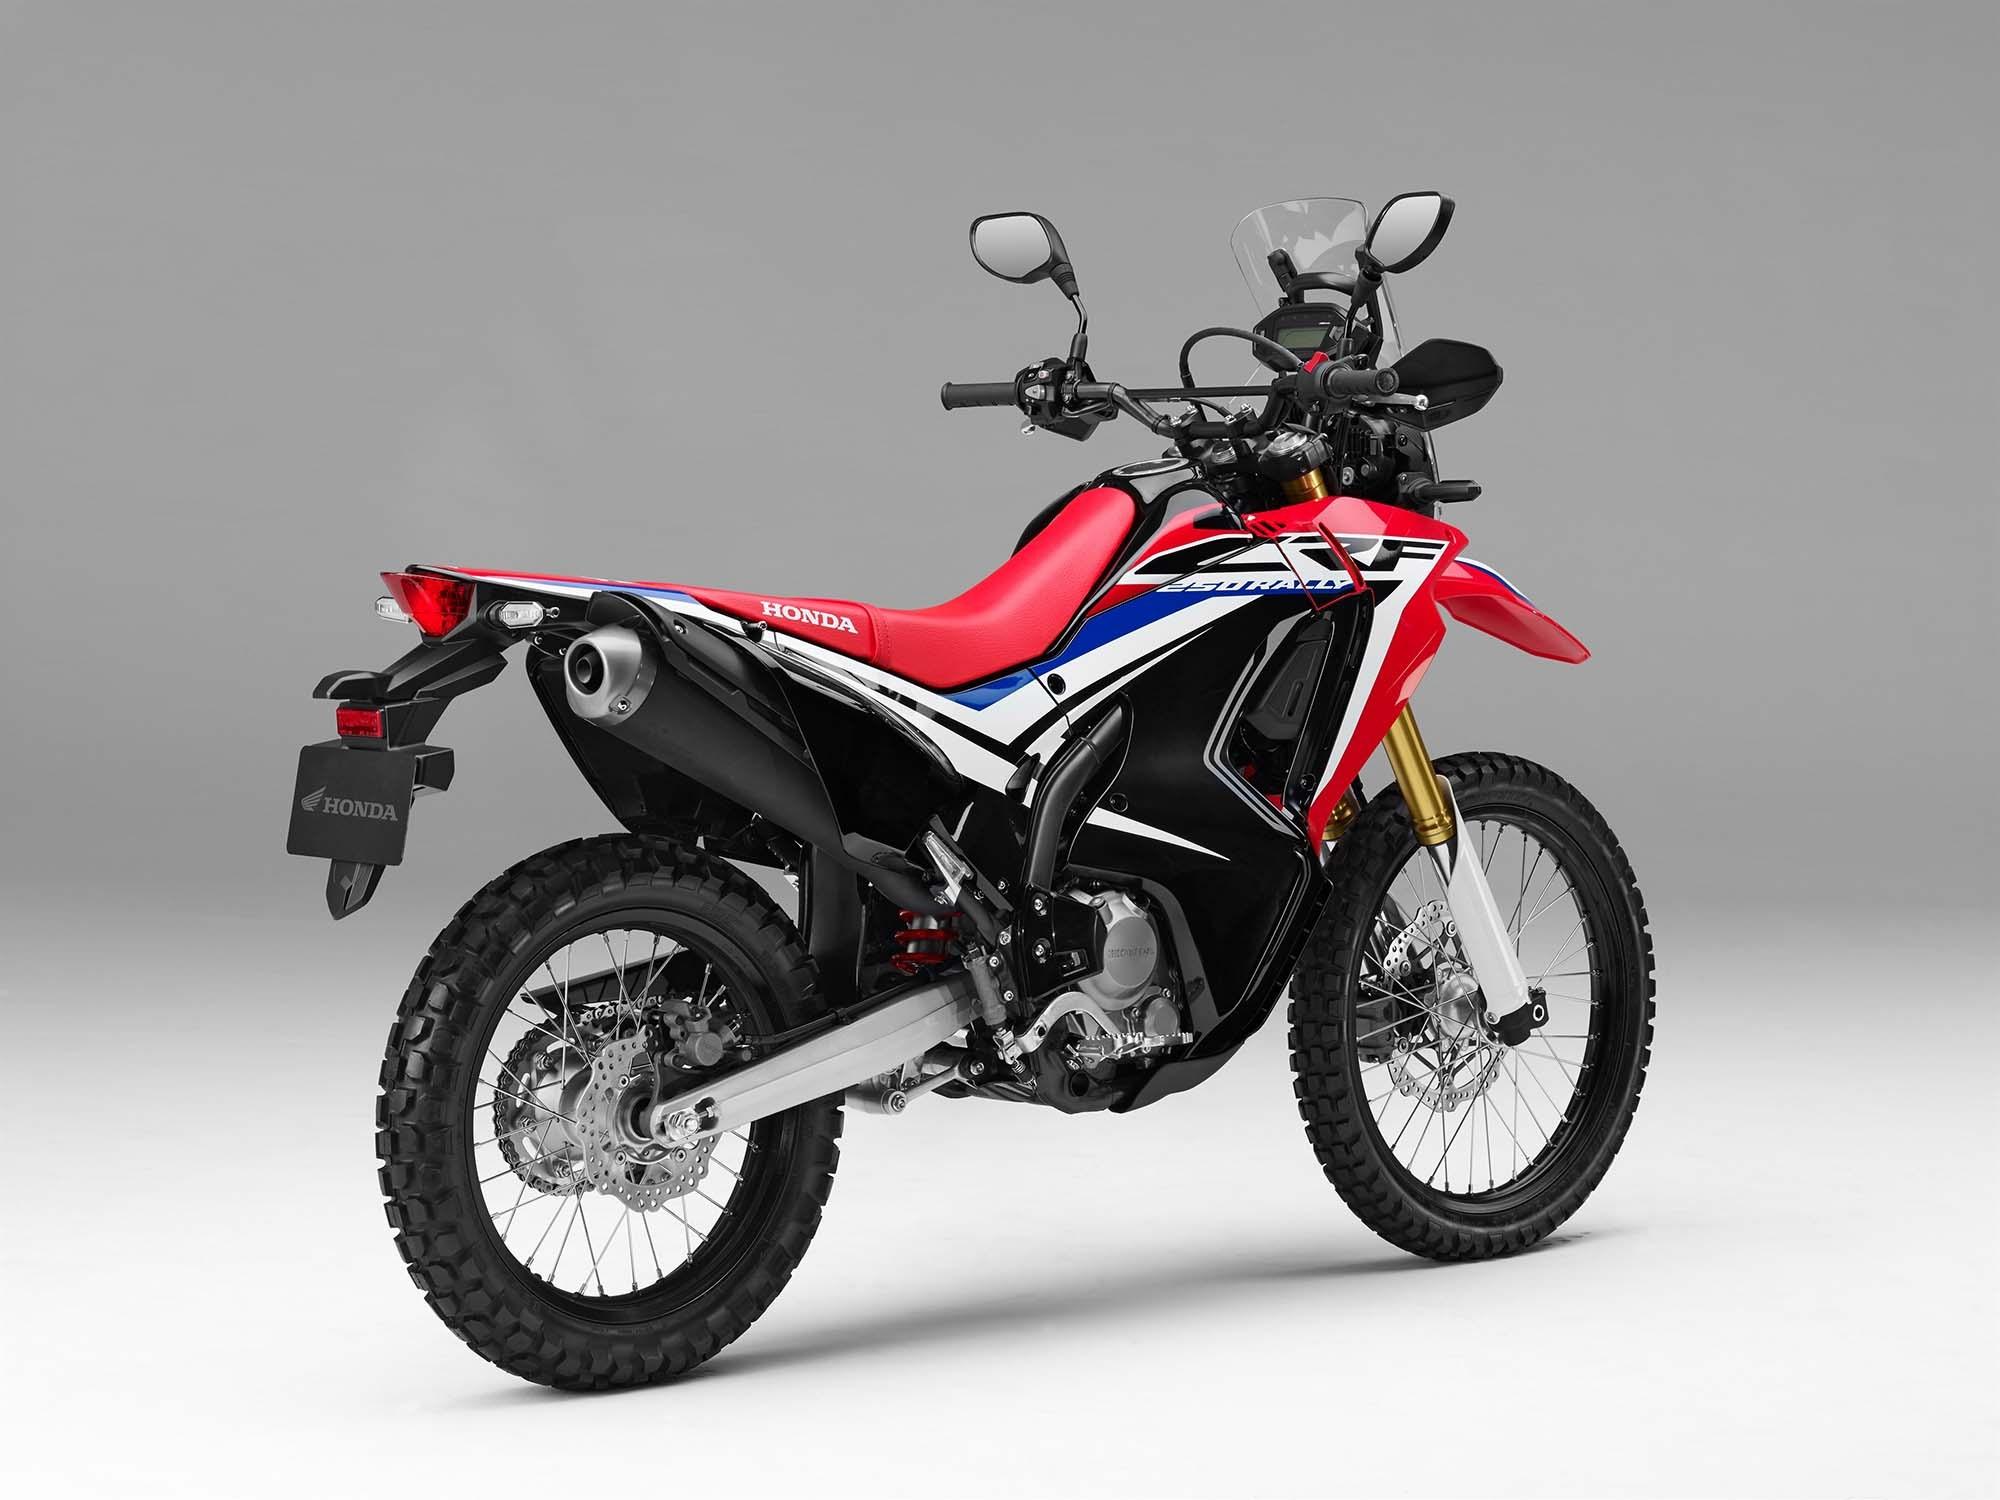 ホンダ、コンセプトモデルだった250ccの軽量アドベンチャーバイク「CRF250L Rally」をEICMAで発表。